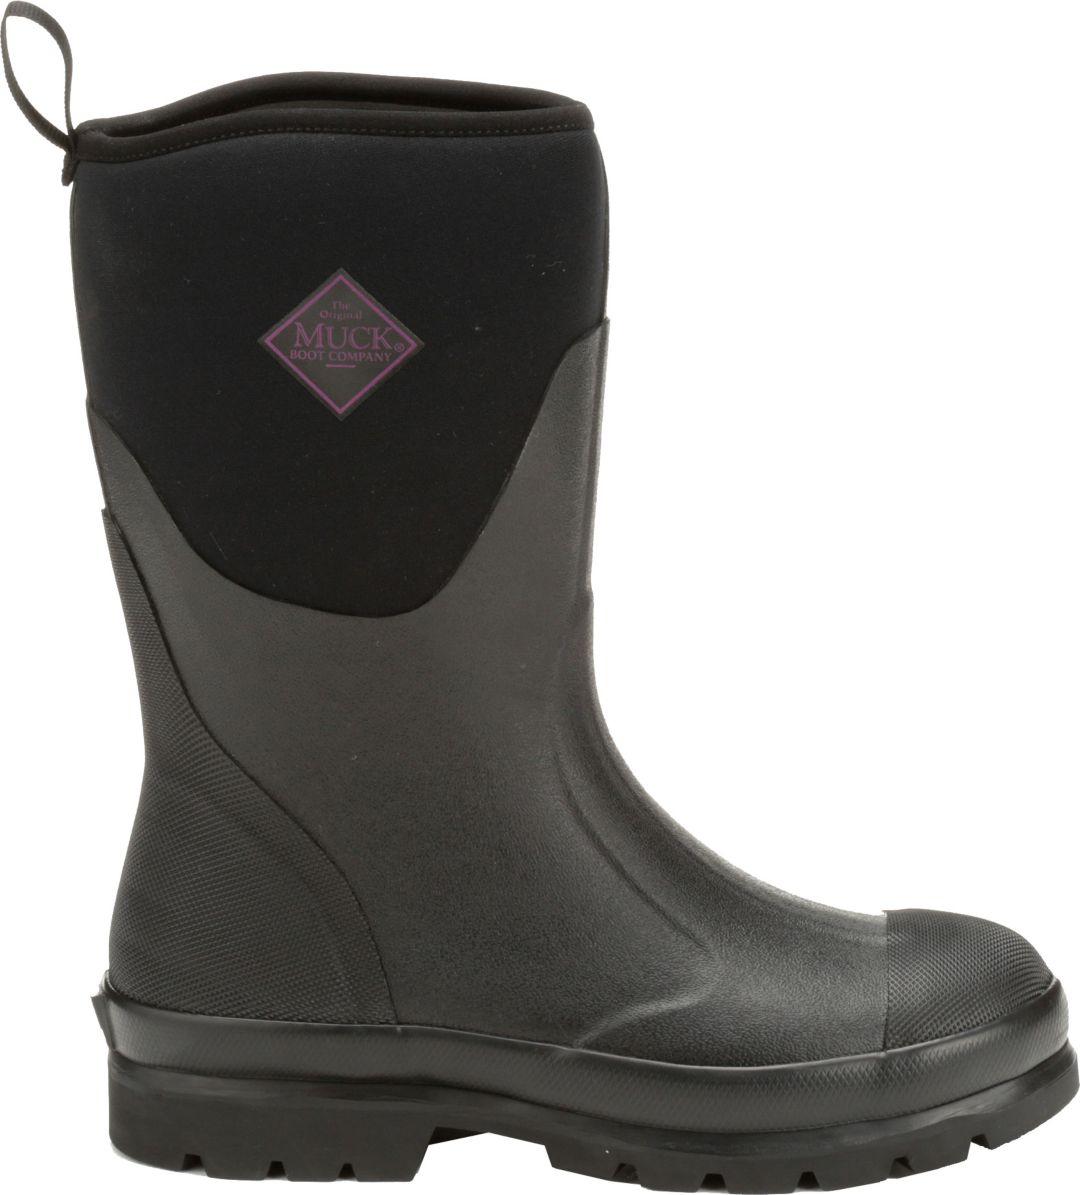 d476781f5e2 Muck Boots Women's Chore Mid Waterproof Work Boots